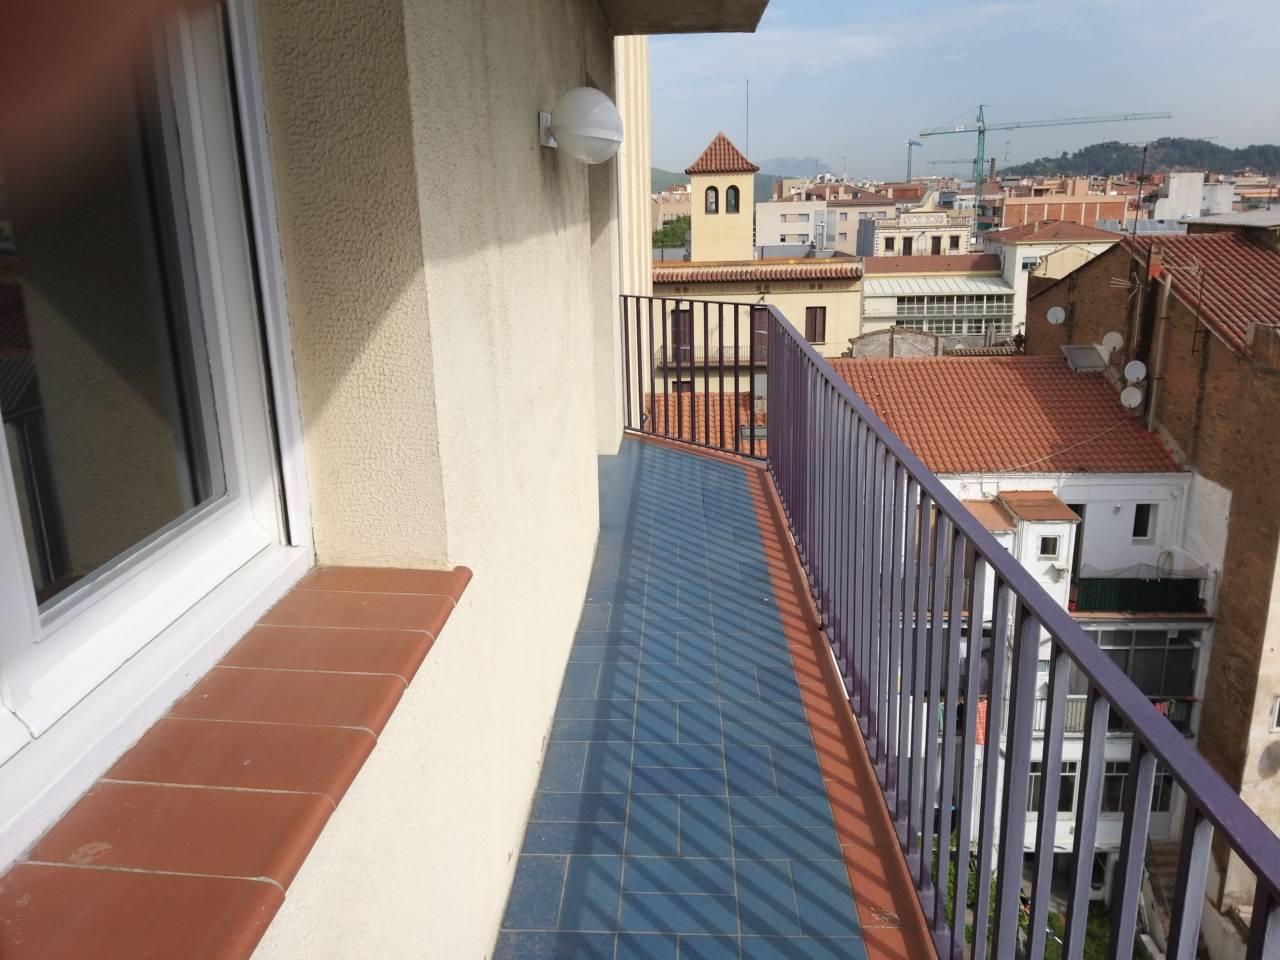 Lloguer Pis a Molins de Rei. Superf. 145 m²,  4 habitaciones (2 dobles,  2 individuales),  2